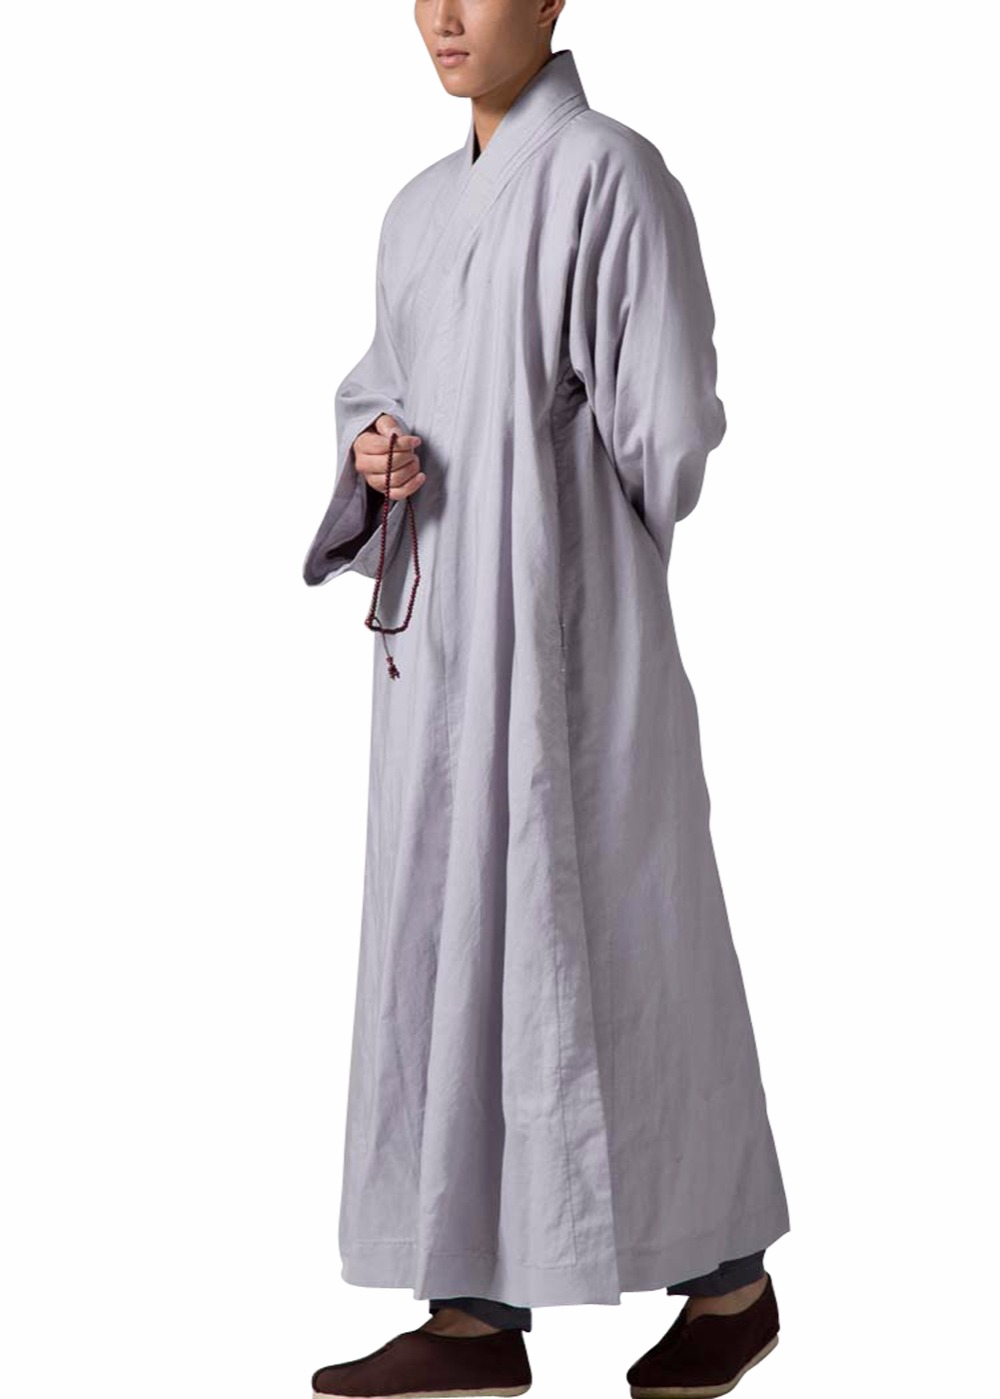 ZanYing Men's Religion Buddhist Meditation Monk Robe Grey - Traditionele kleding